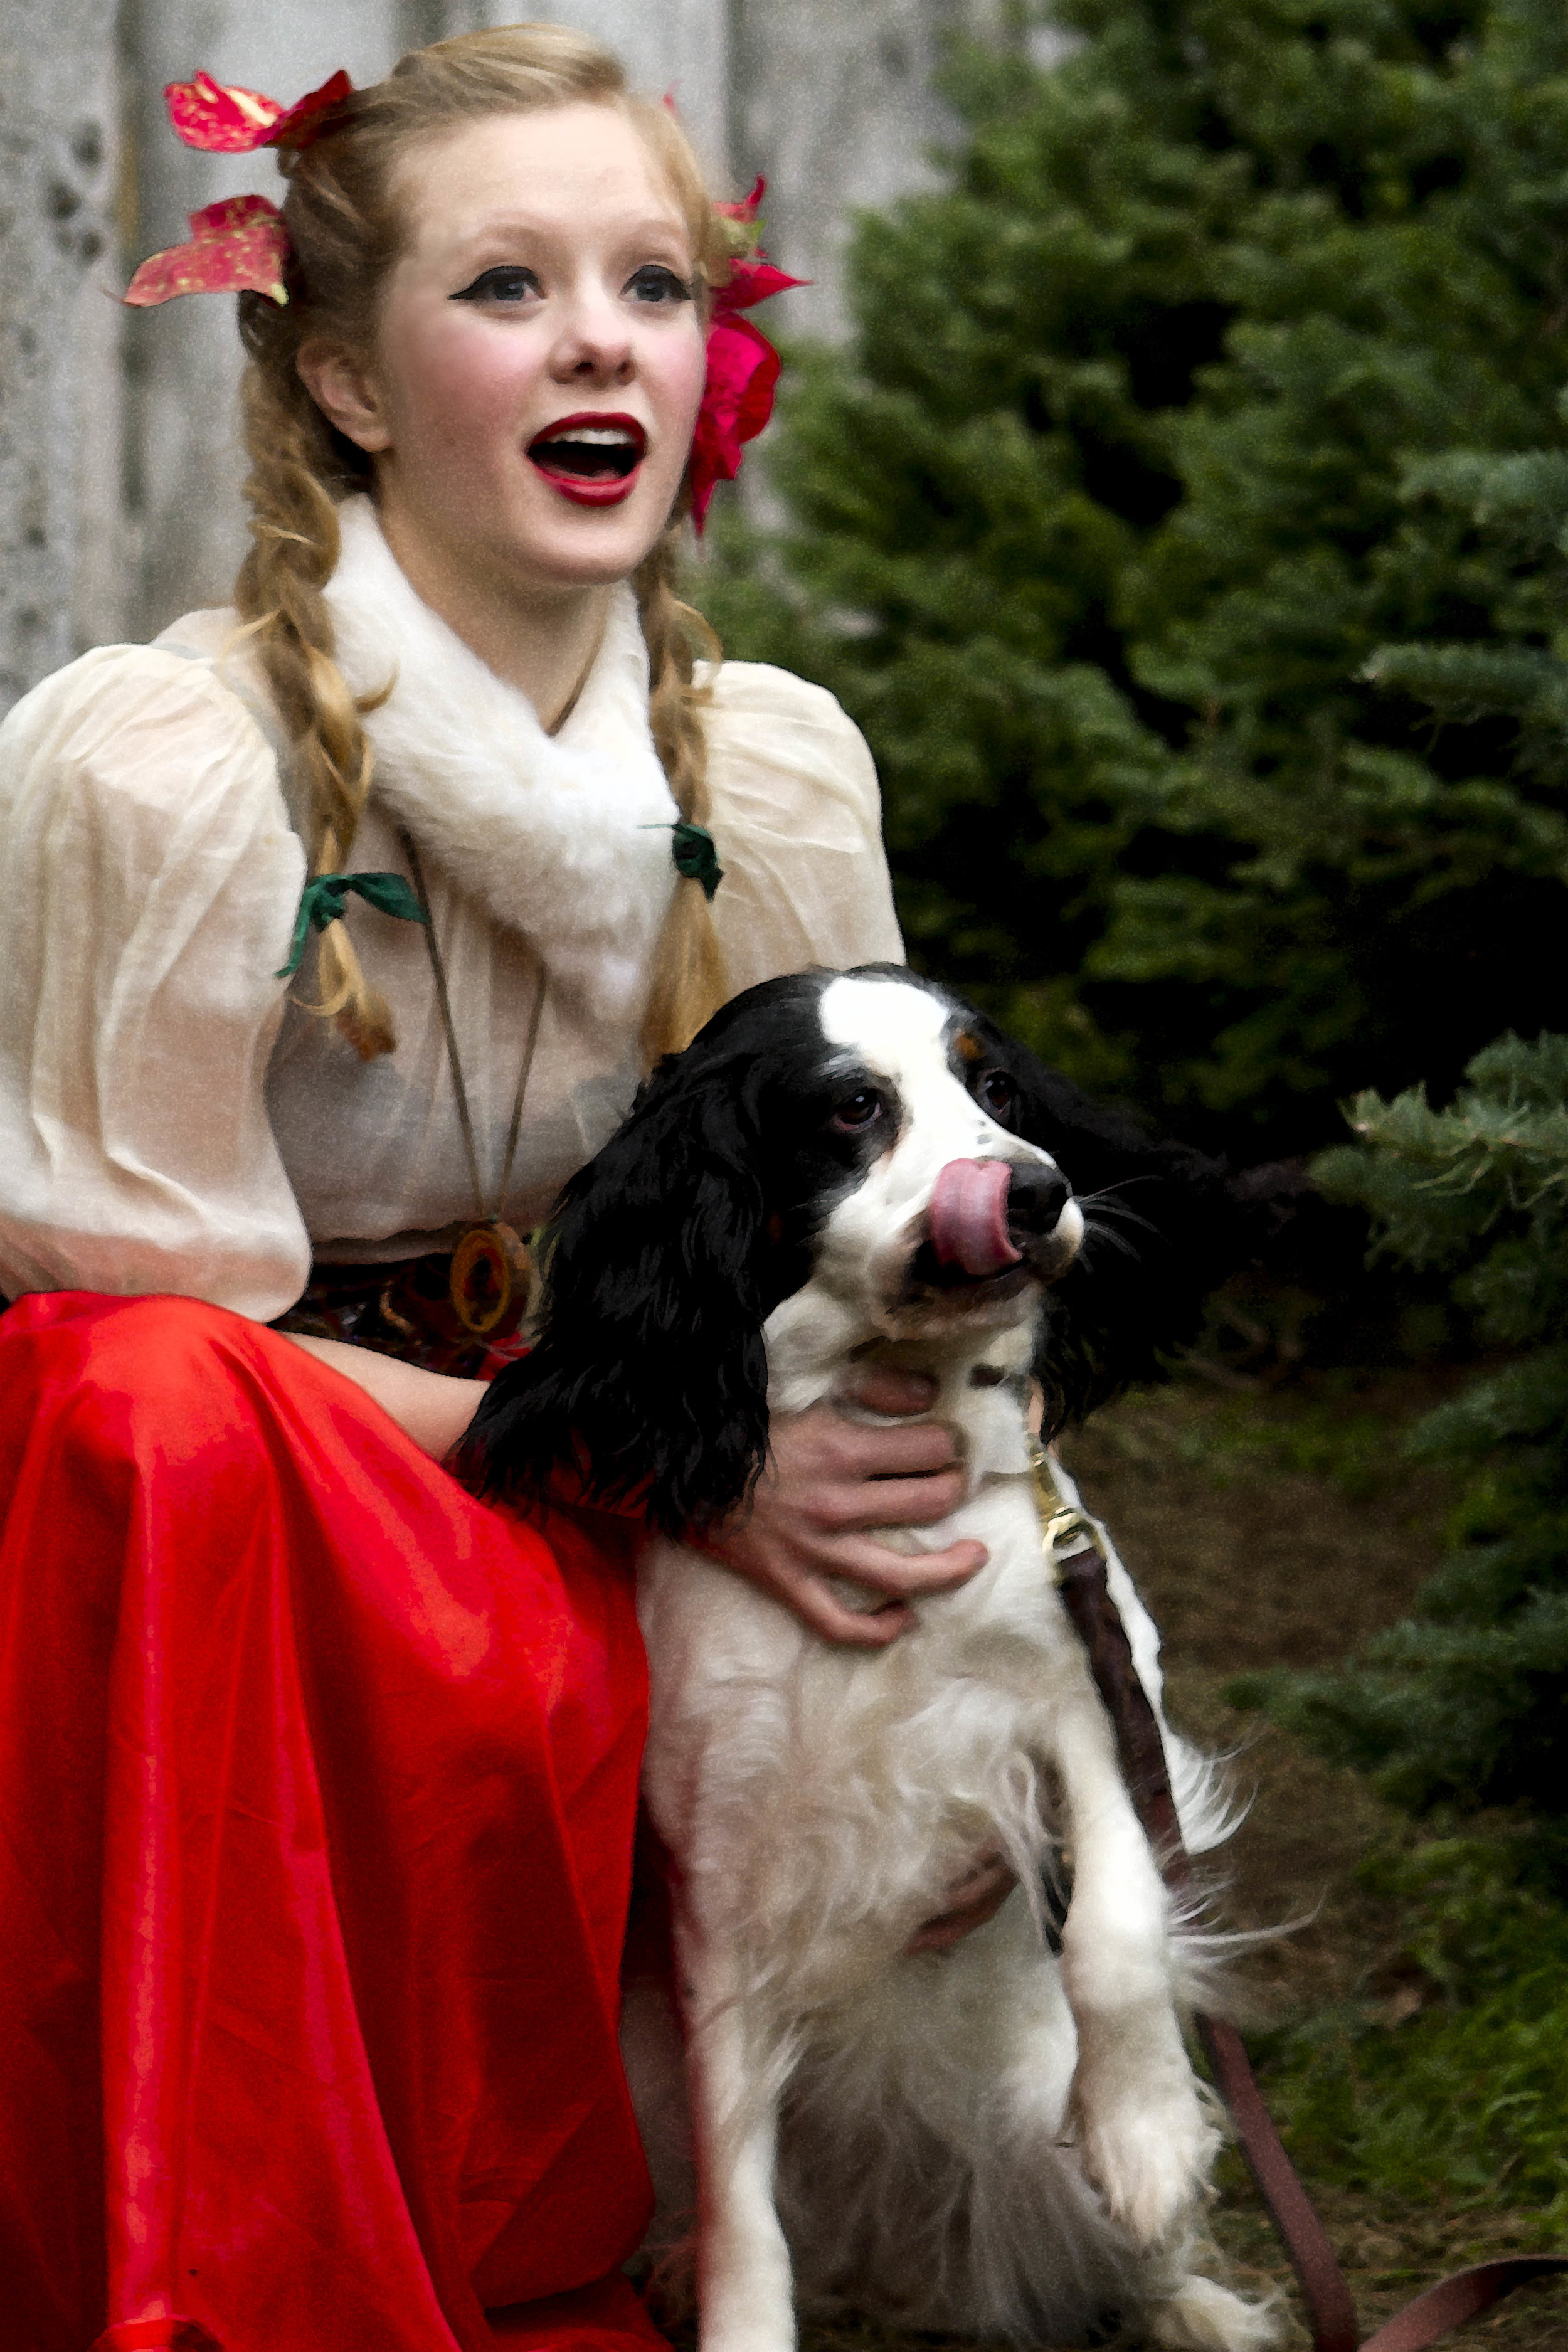 girl with dog.jpg